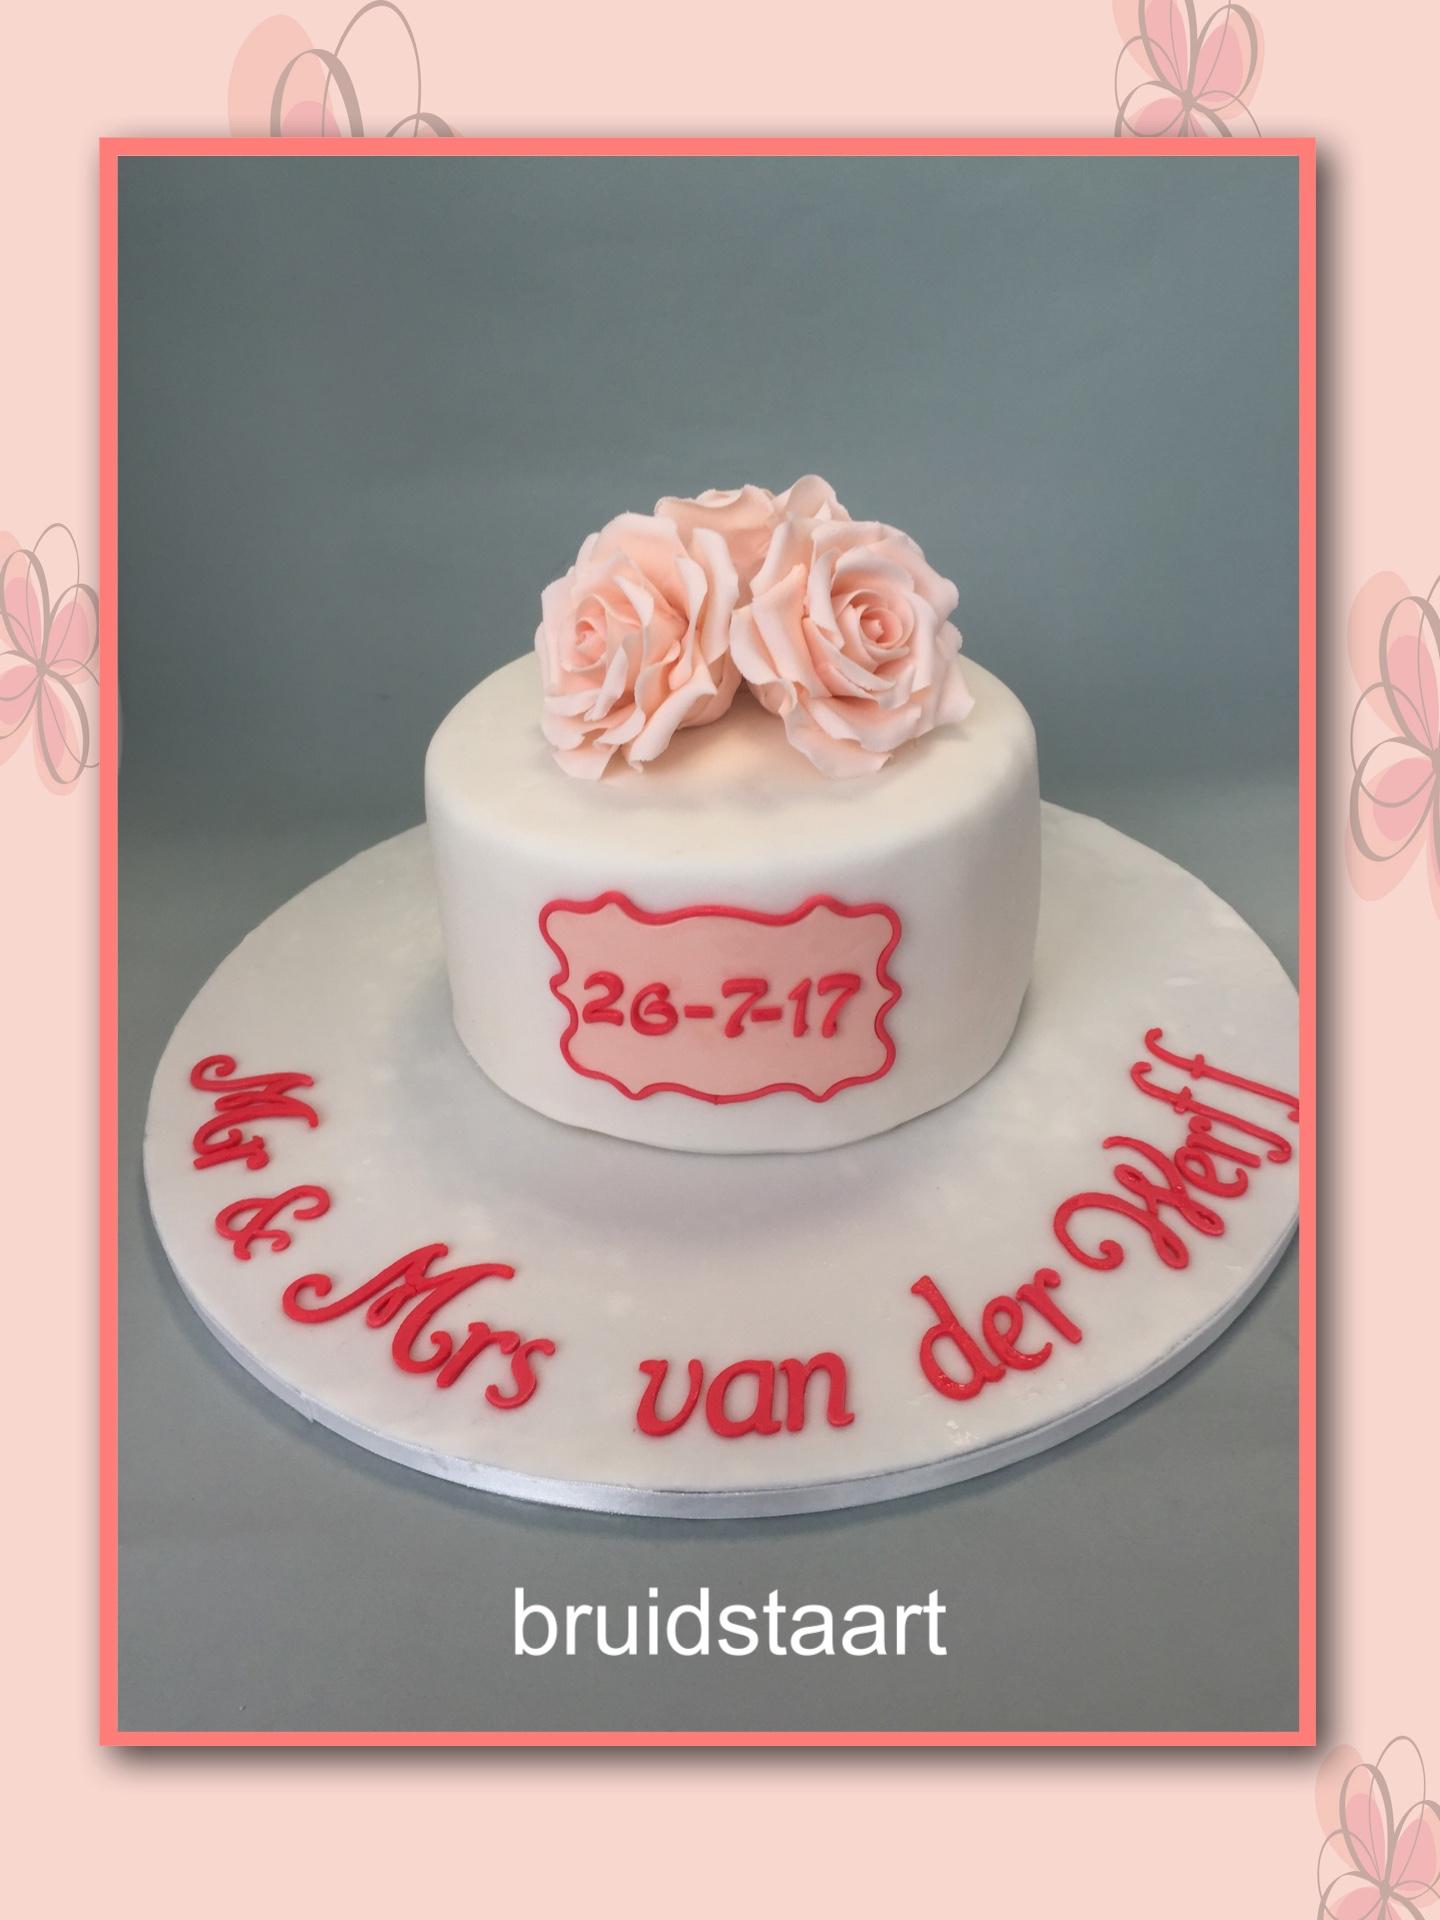 bruidstaart 2